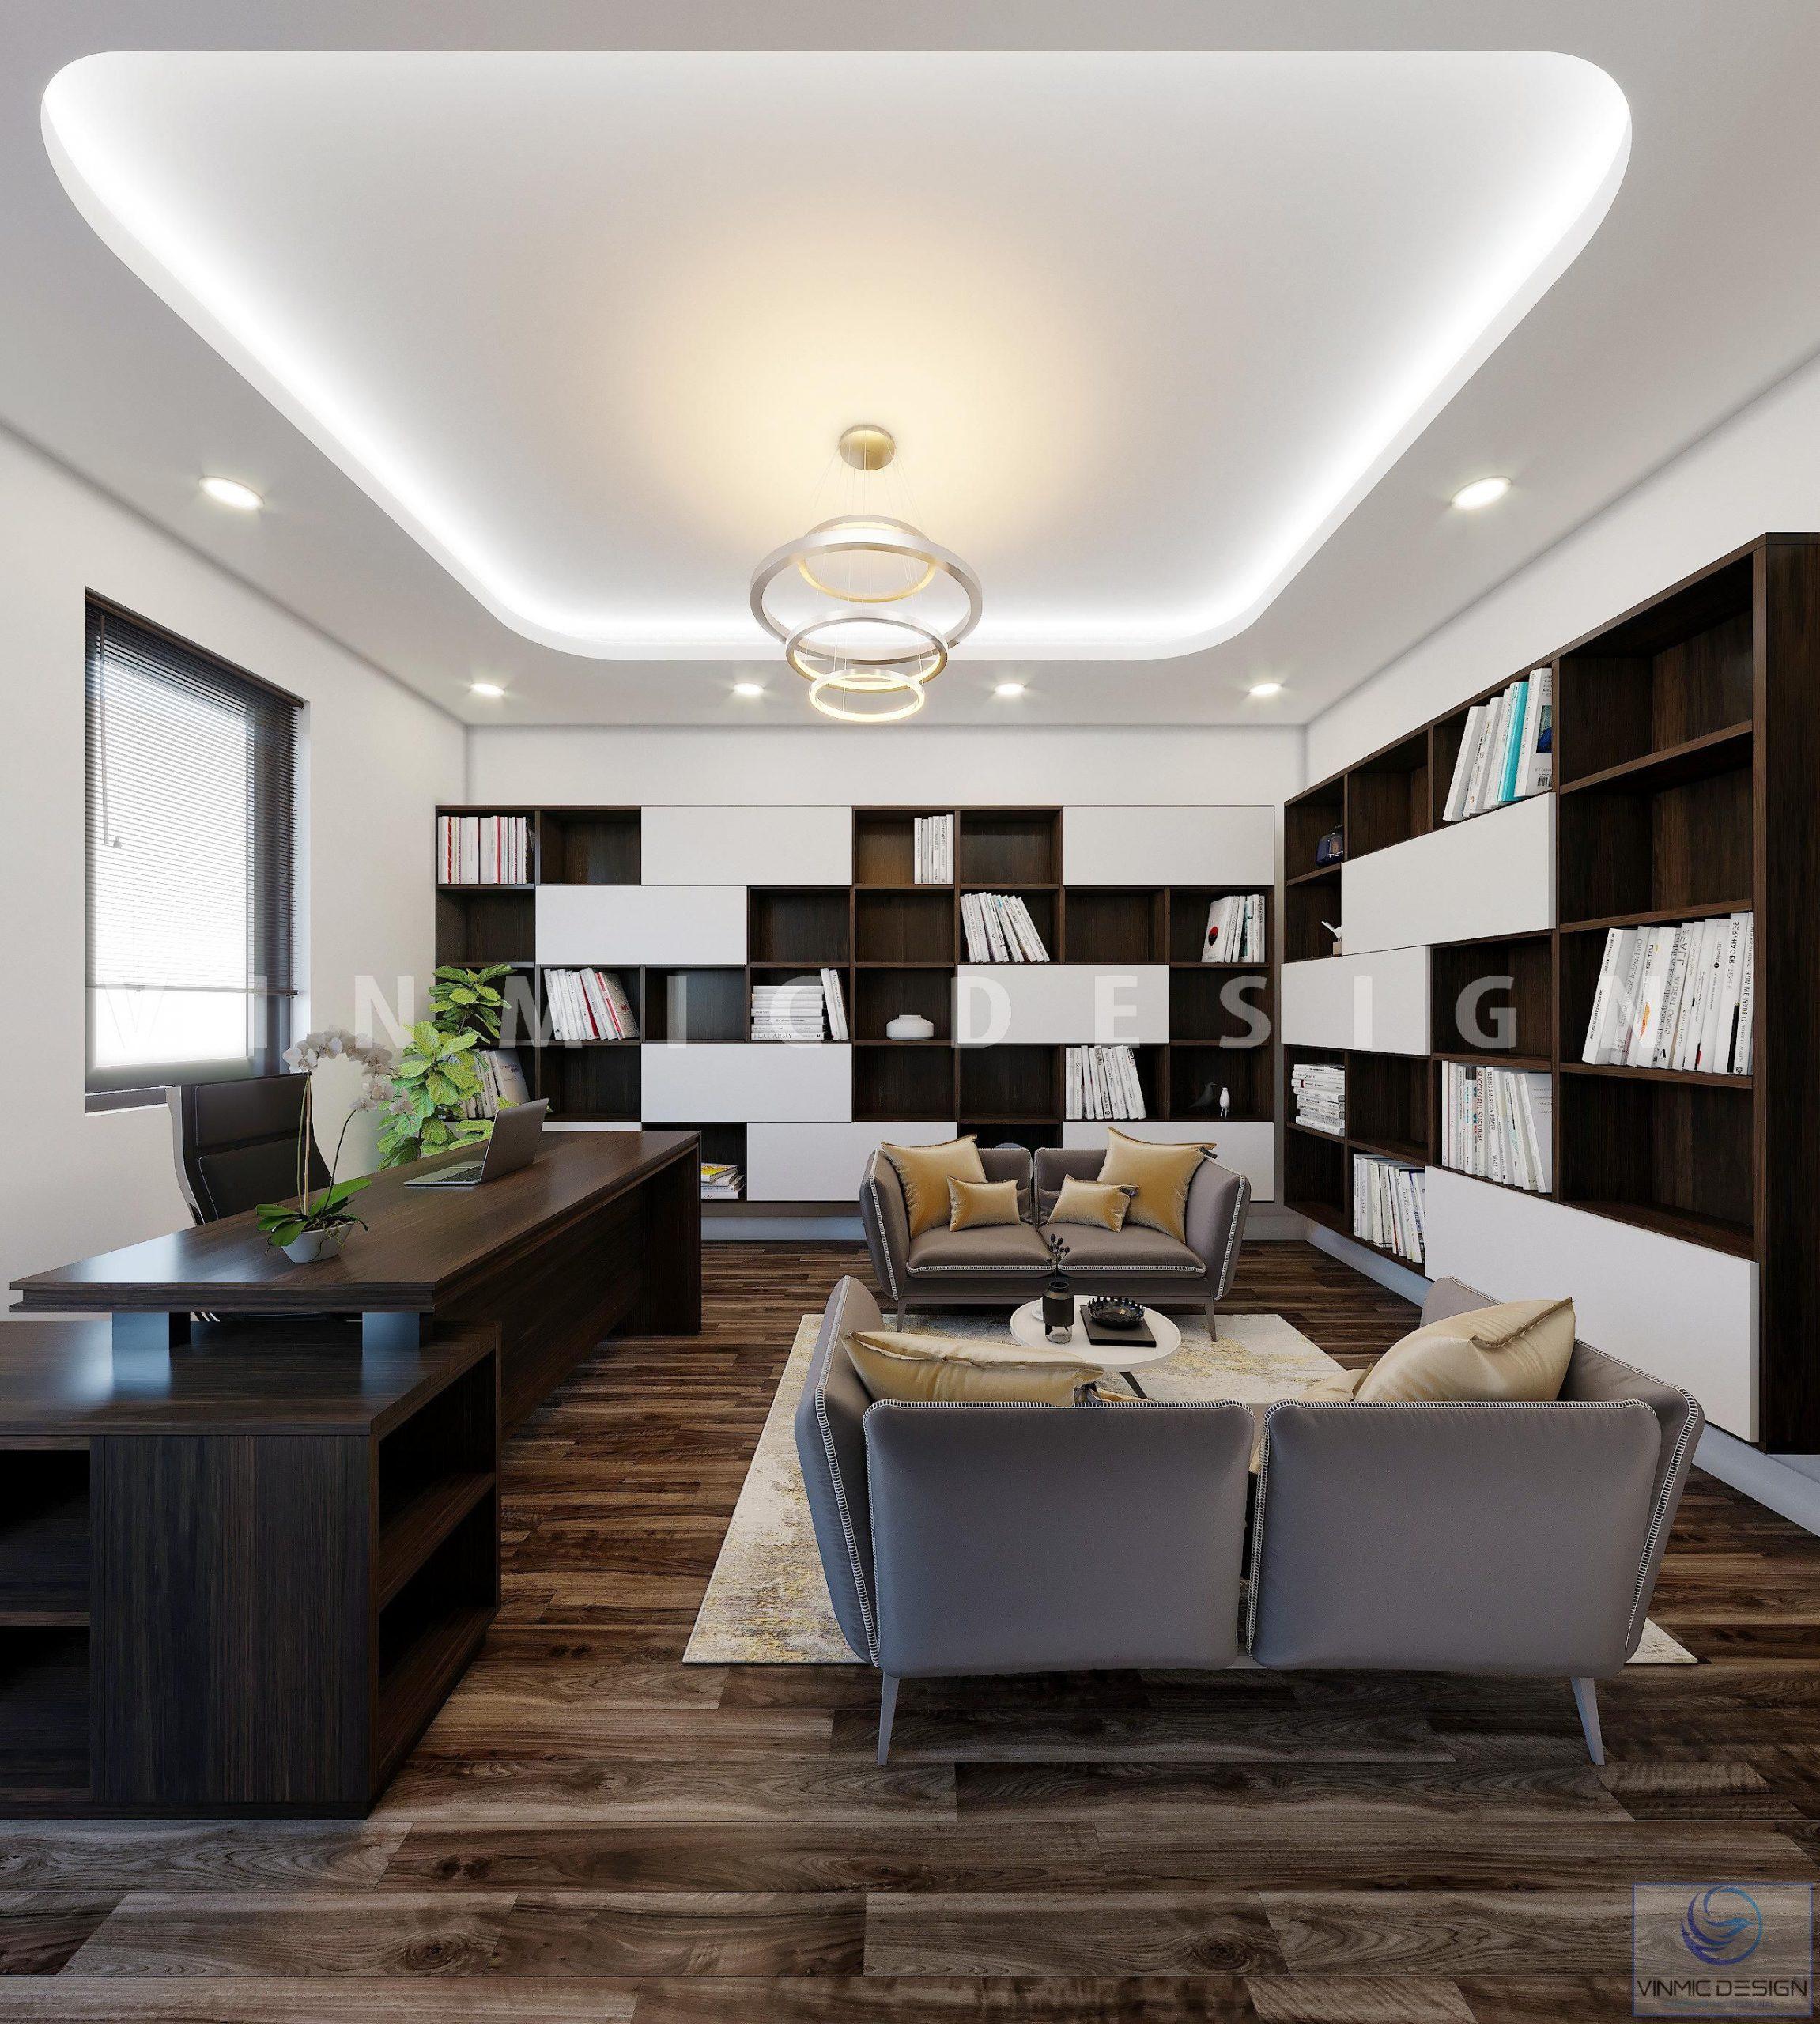 Thiết kế nội thất phòng làm việc hiện đại tại biệt thự Vinhomes Marina Hải Phòng